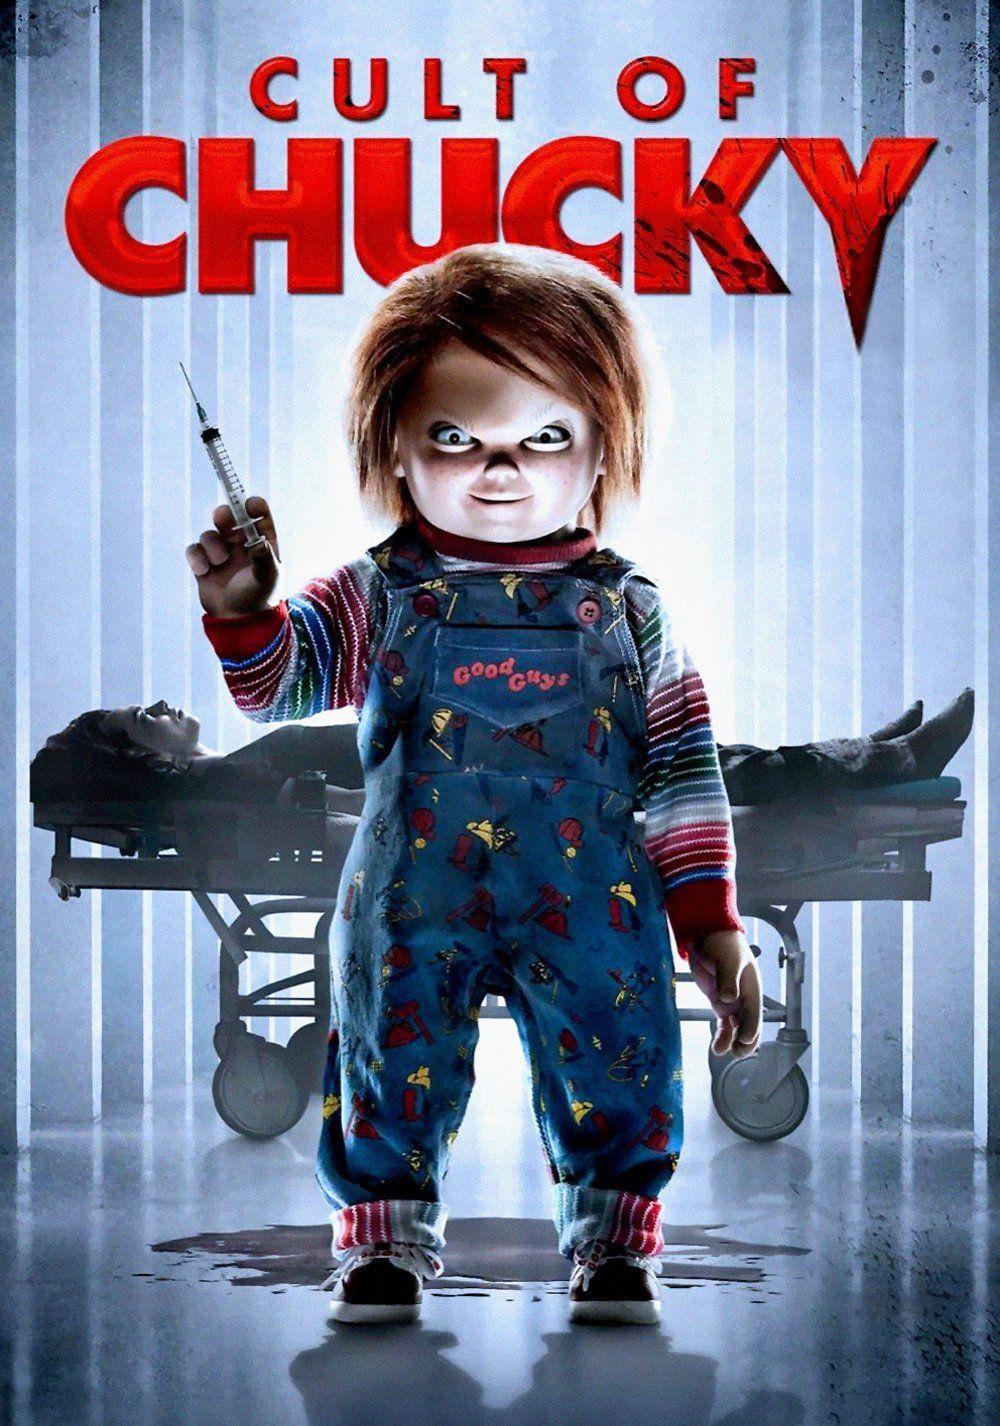 Ver Culto A Chucky 2017 Online Español Latino HD 1080p | Peliculas ...